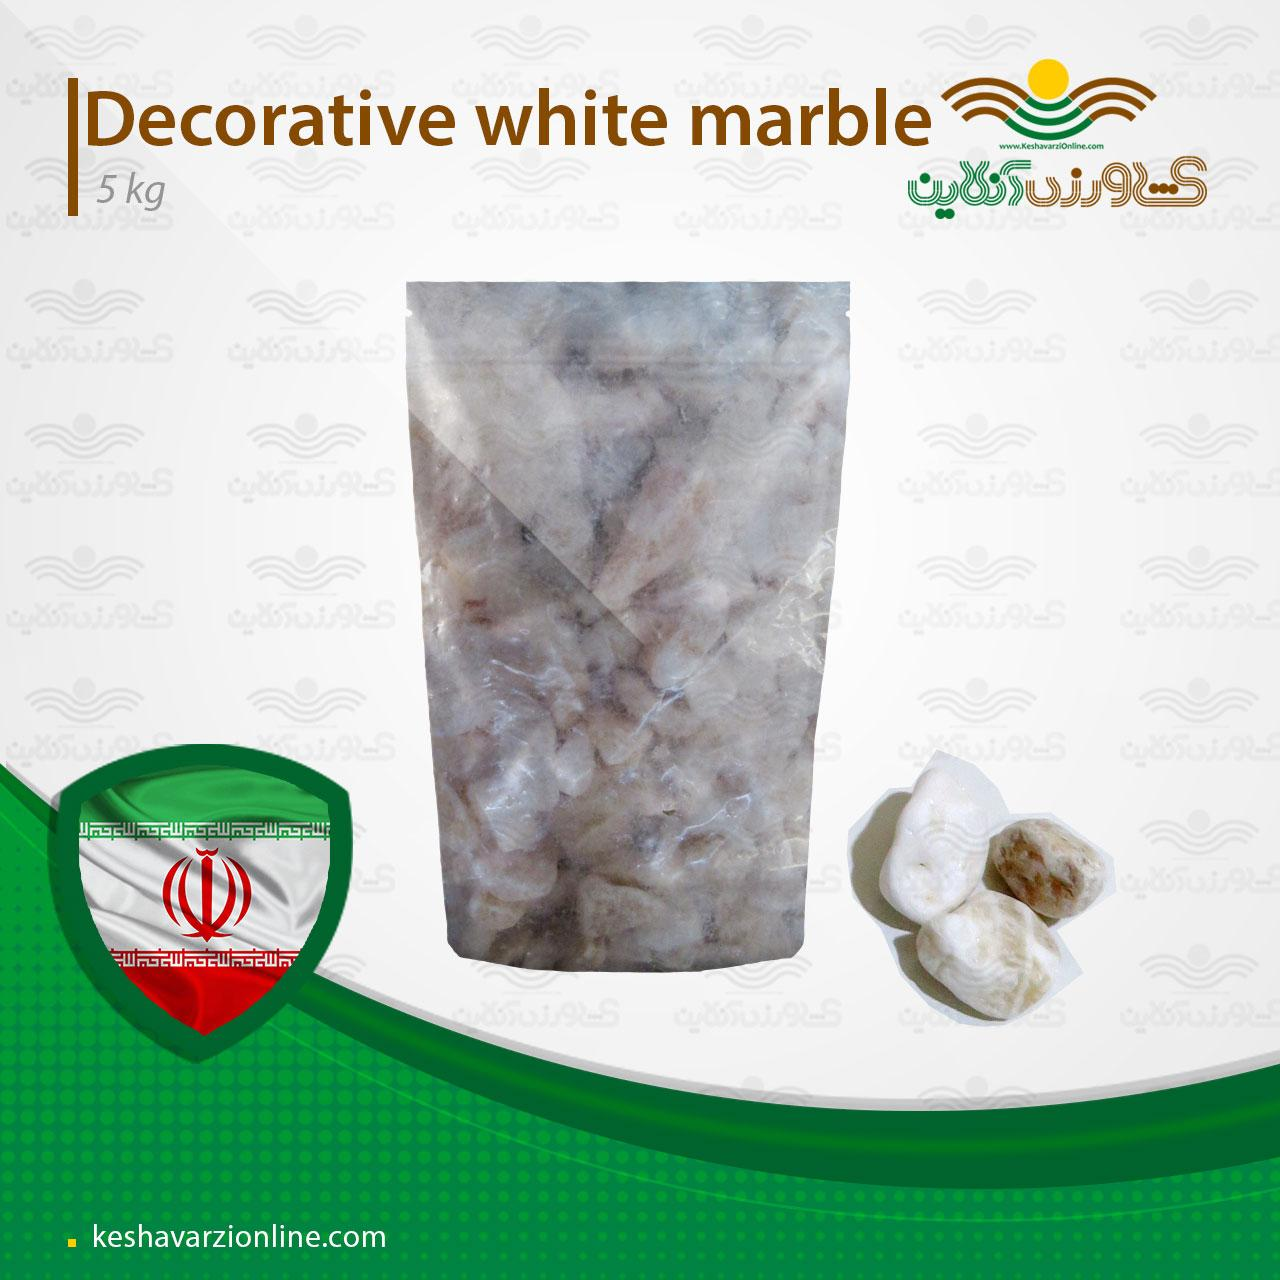 قلوه سنگ مرمر سفید تزئینی 5 کیلویی